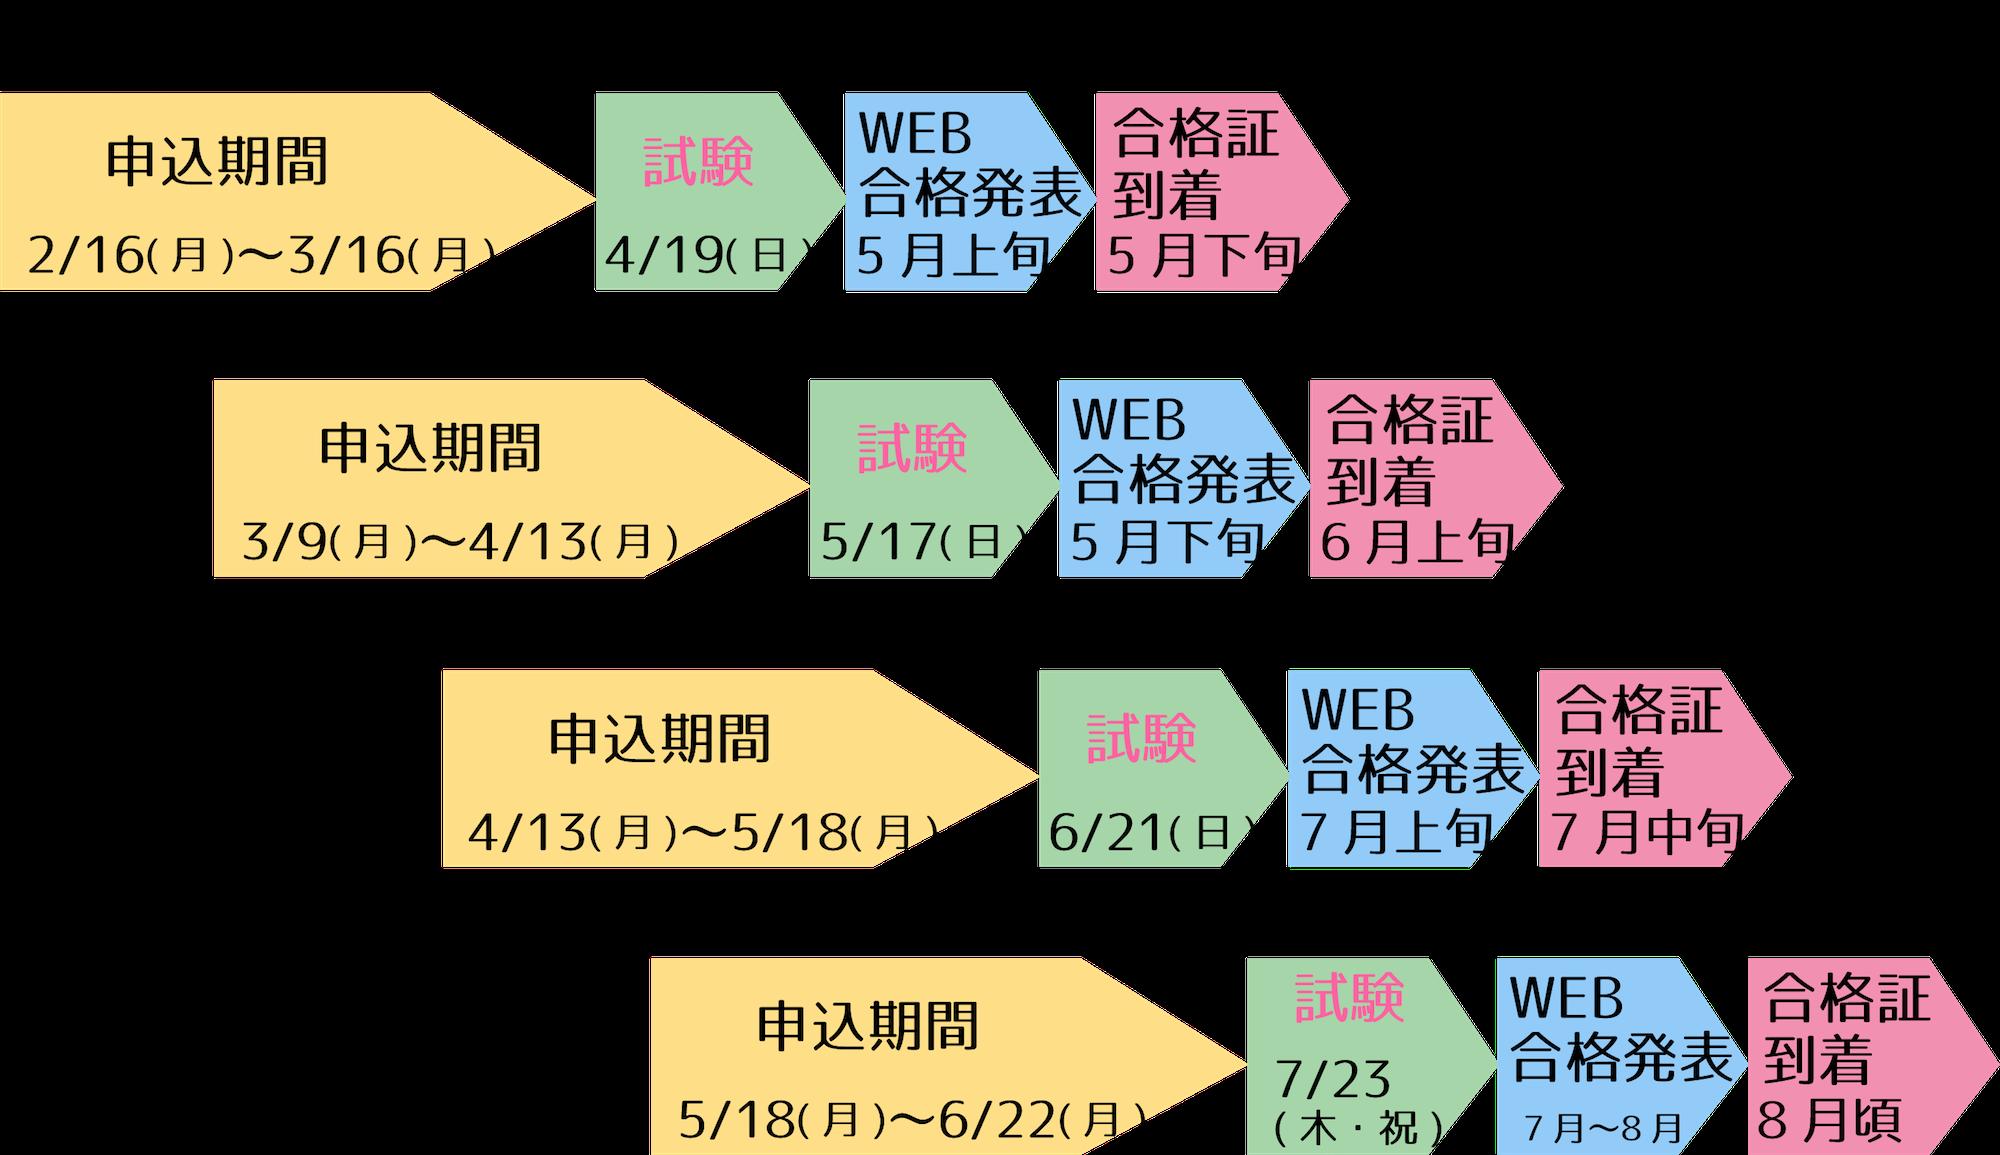 英検CBTスケジュール2020第1回